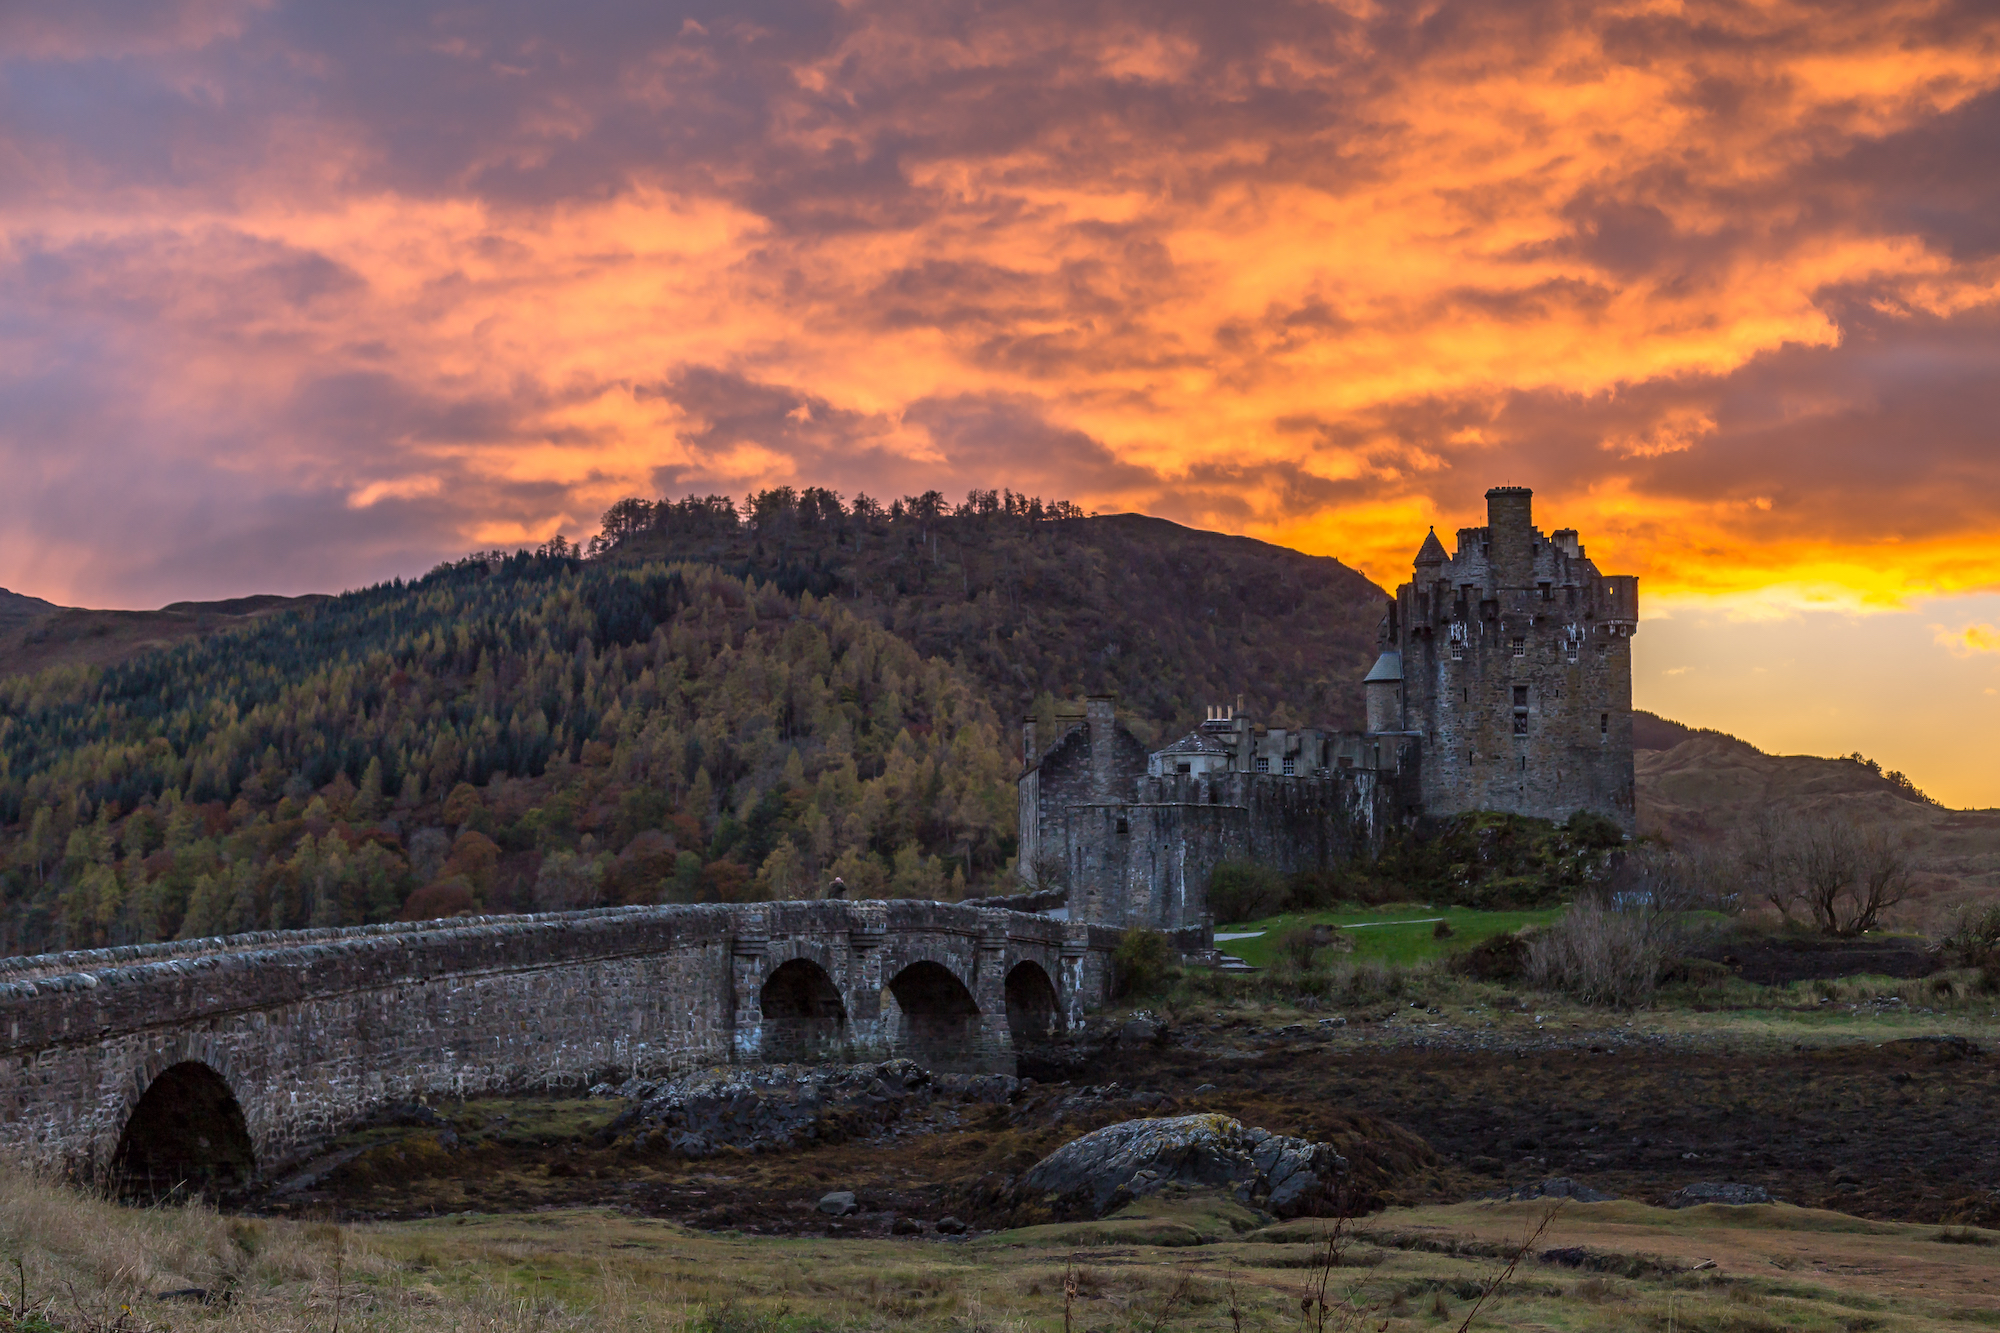 (289) Eilean Donan Castle at Sunset, Dornie, Kyle of Lochalsh, Scotland.jpg